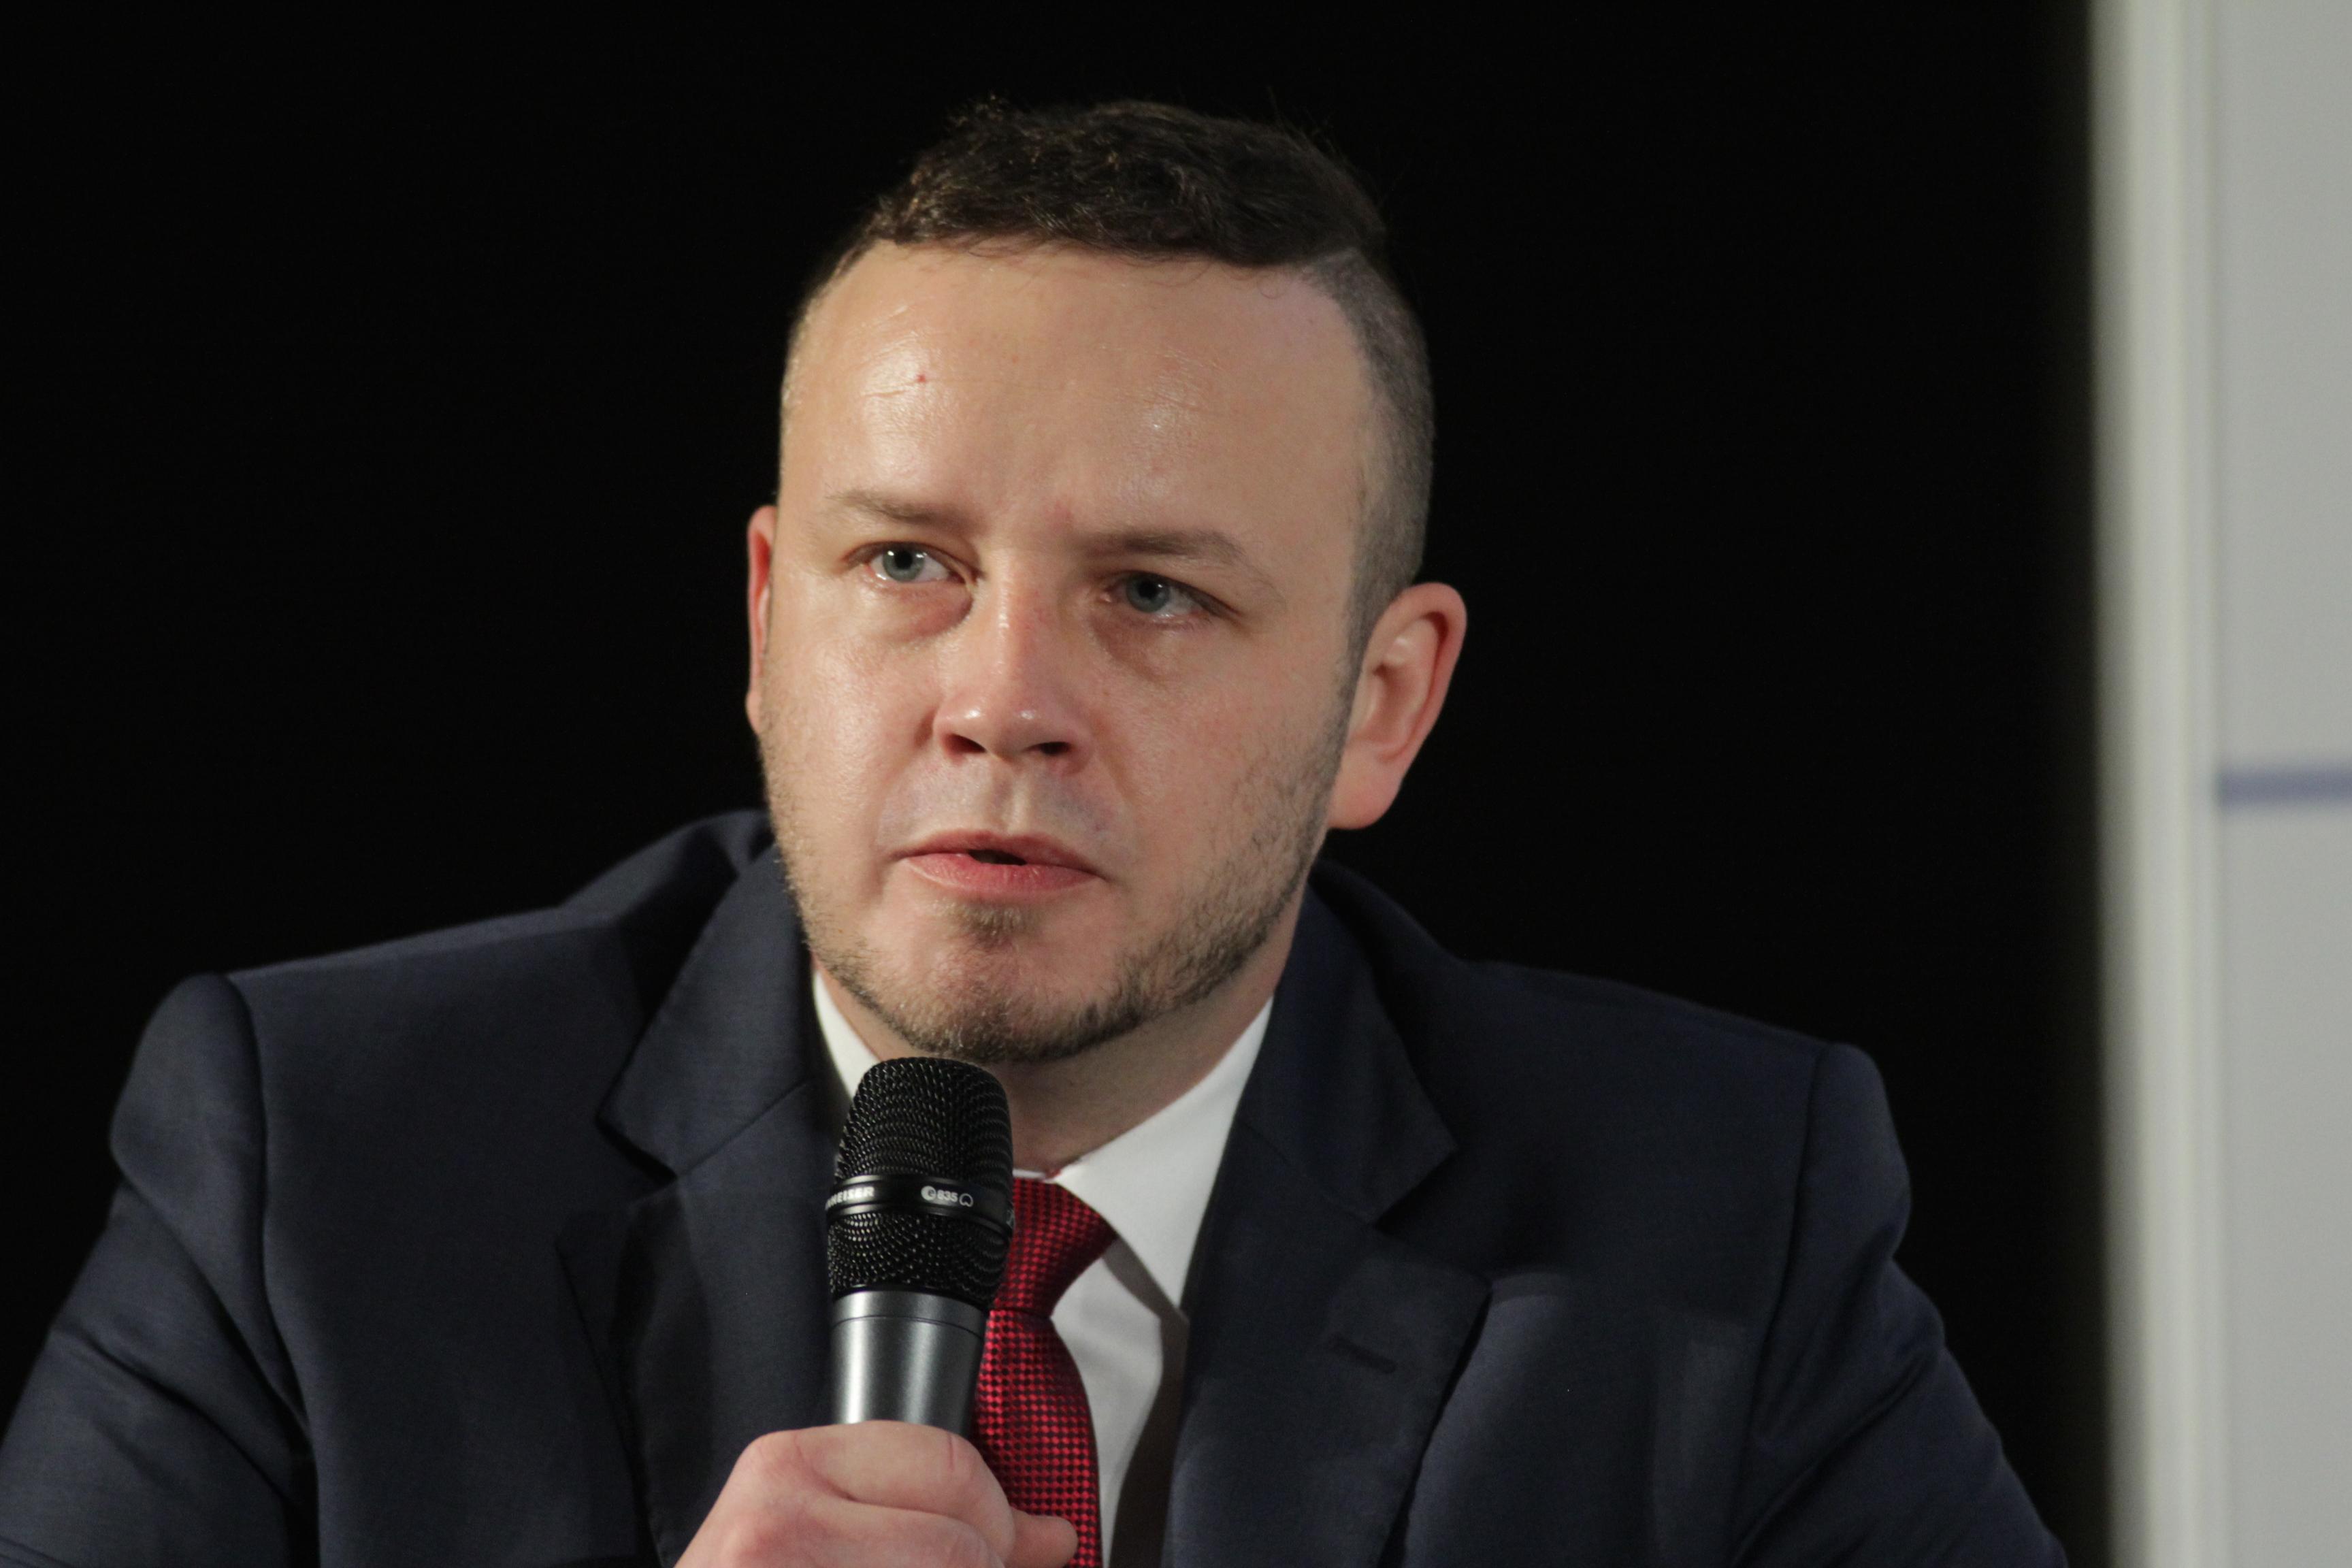 Ciekawą debatę moderował Rafał Kerger, redaktor naczelny PulsHR.pl, PortalSamorzadowy.pl (Fot. PTWP)